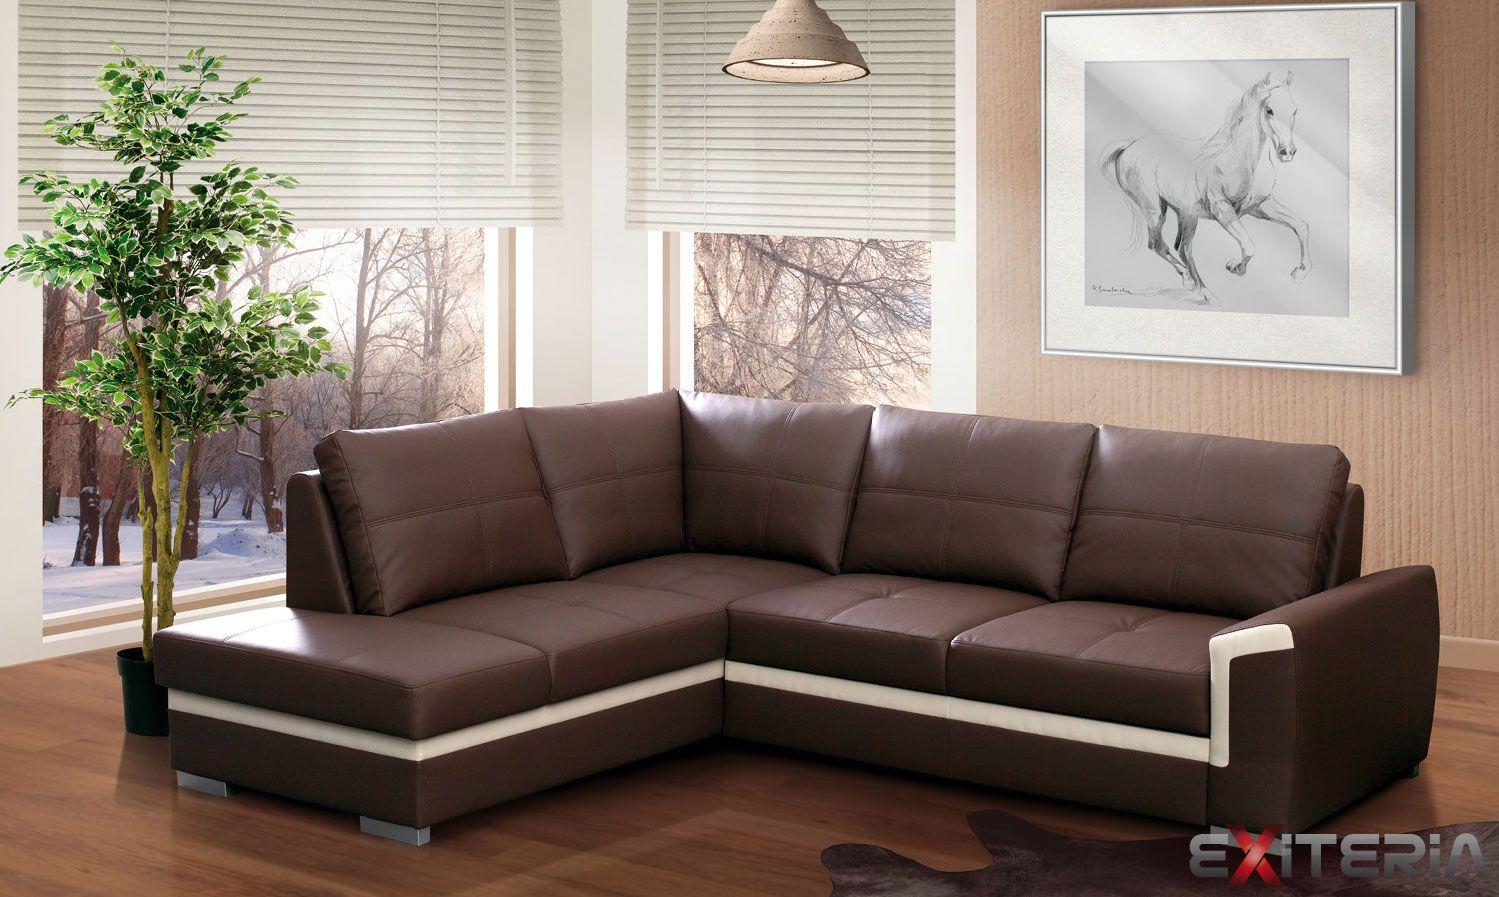 Rohová rozkladacia sedacia súprava Leandra, úložný priestor #sofa #settee #divan #couch